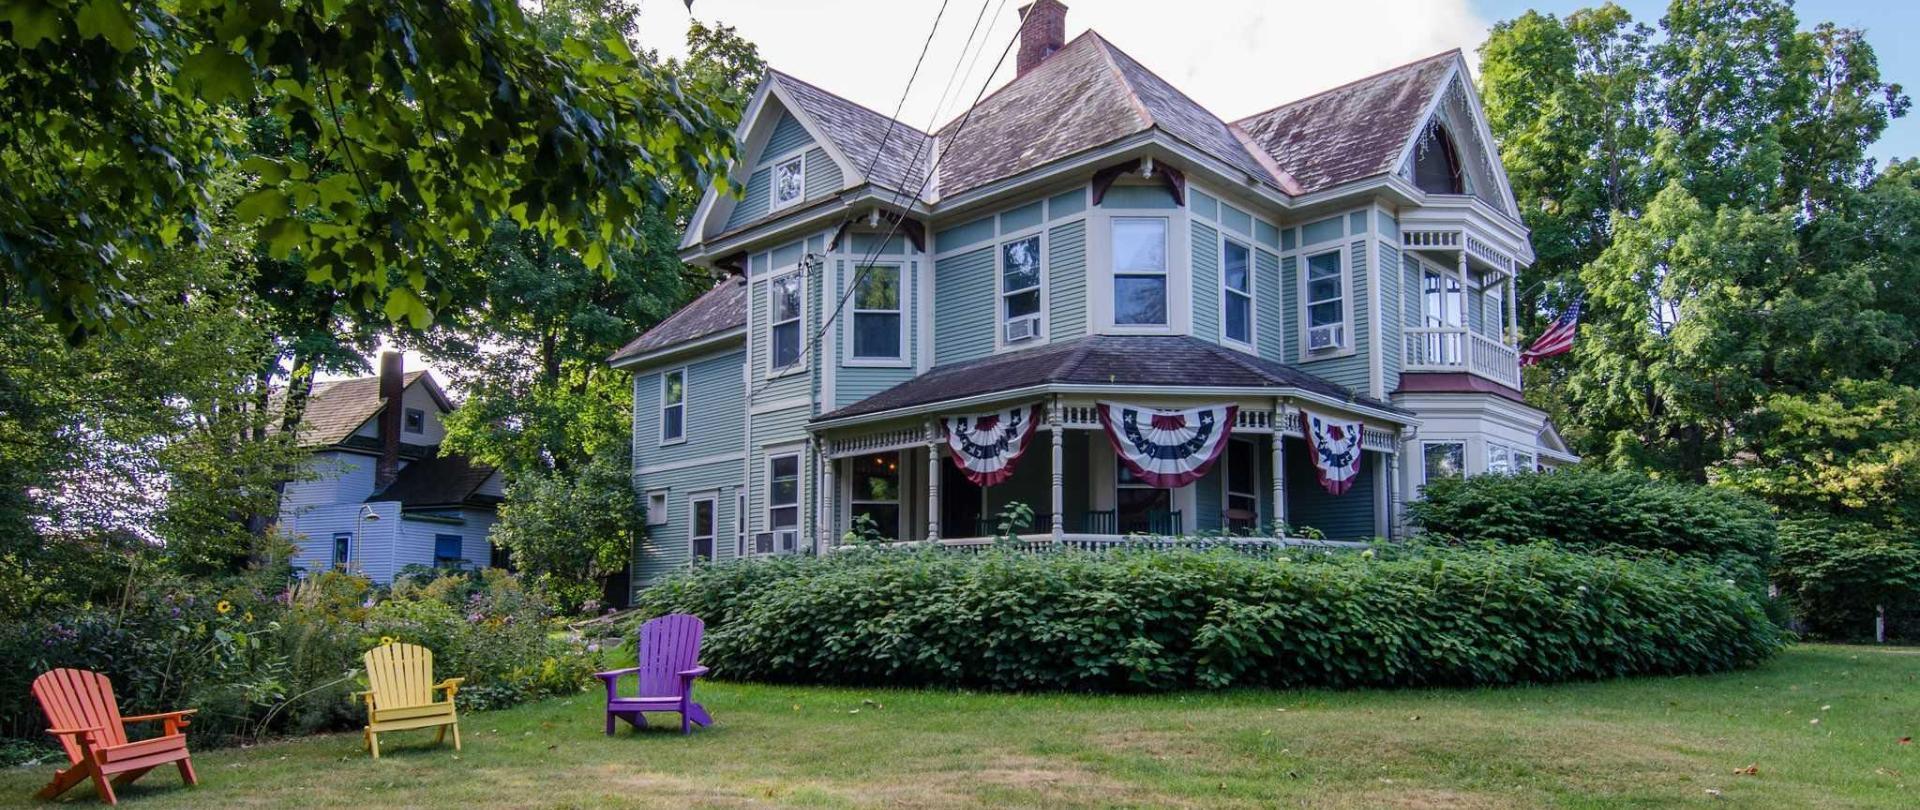 heart-of-the-village-inn-exterior21.jpg